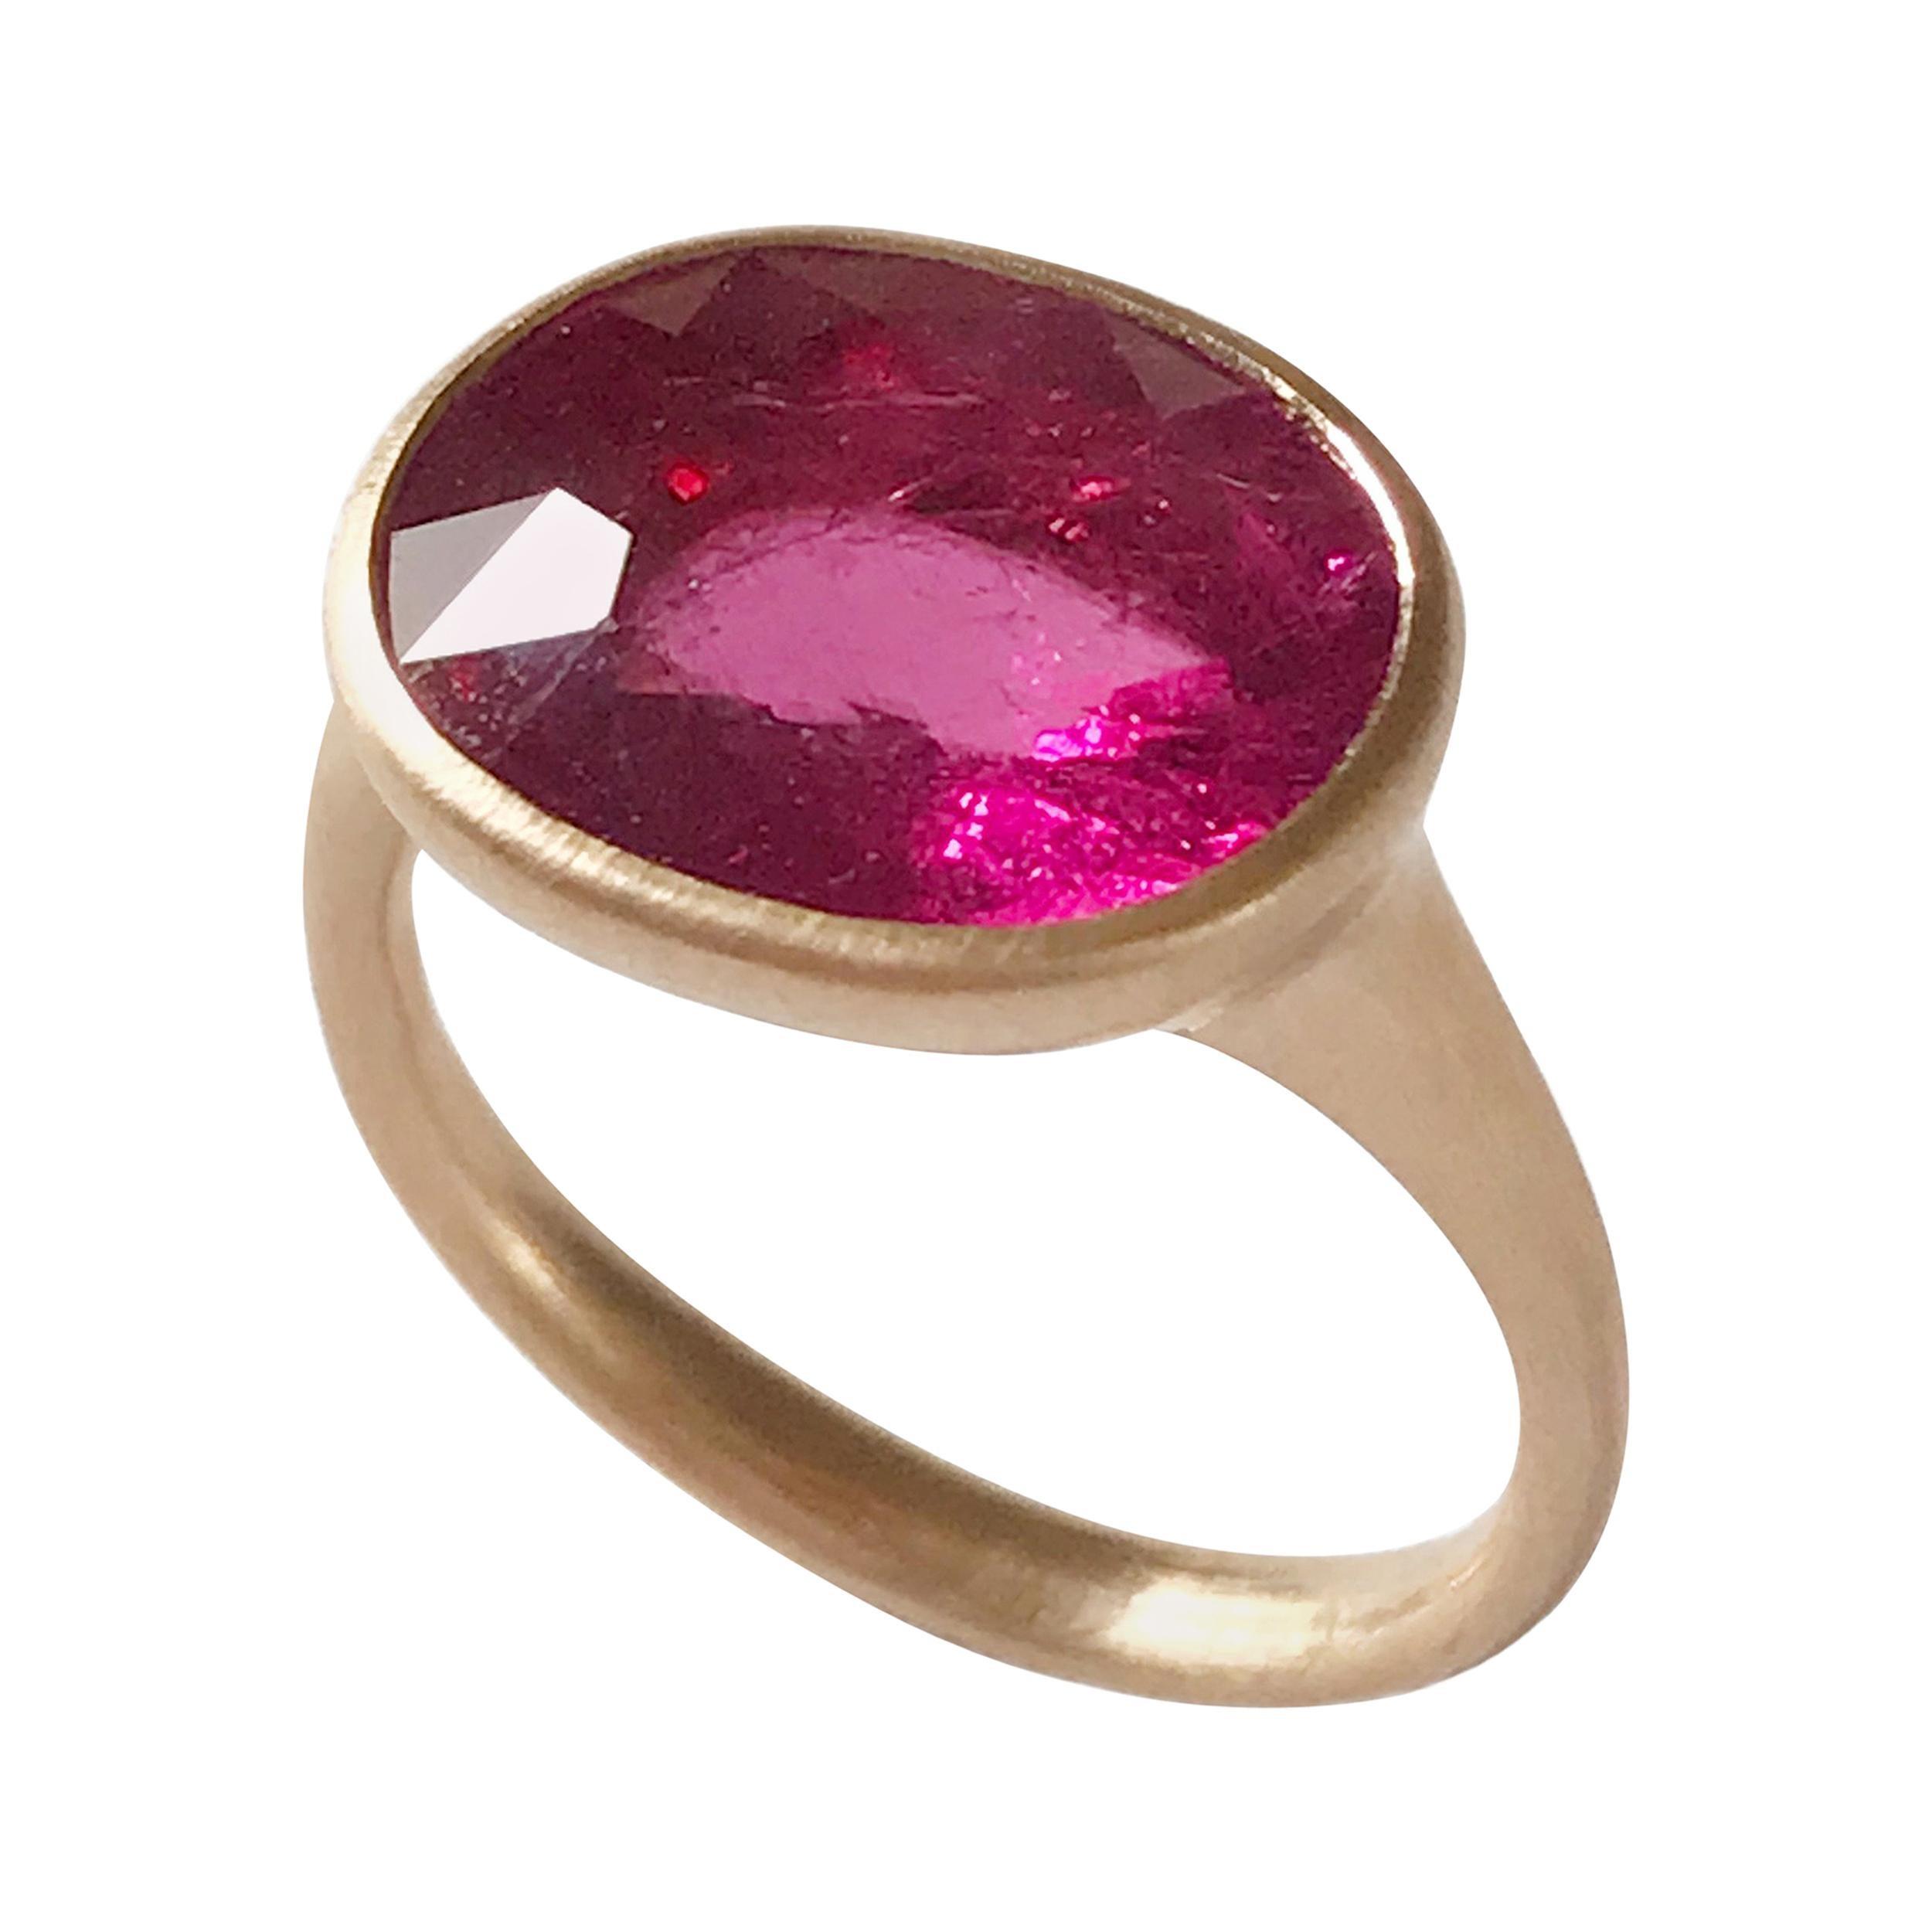 Dalben Rubellite Rose Gold Ring